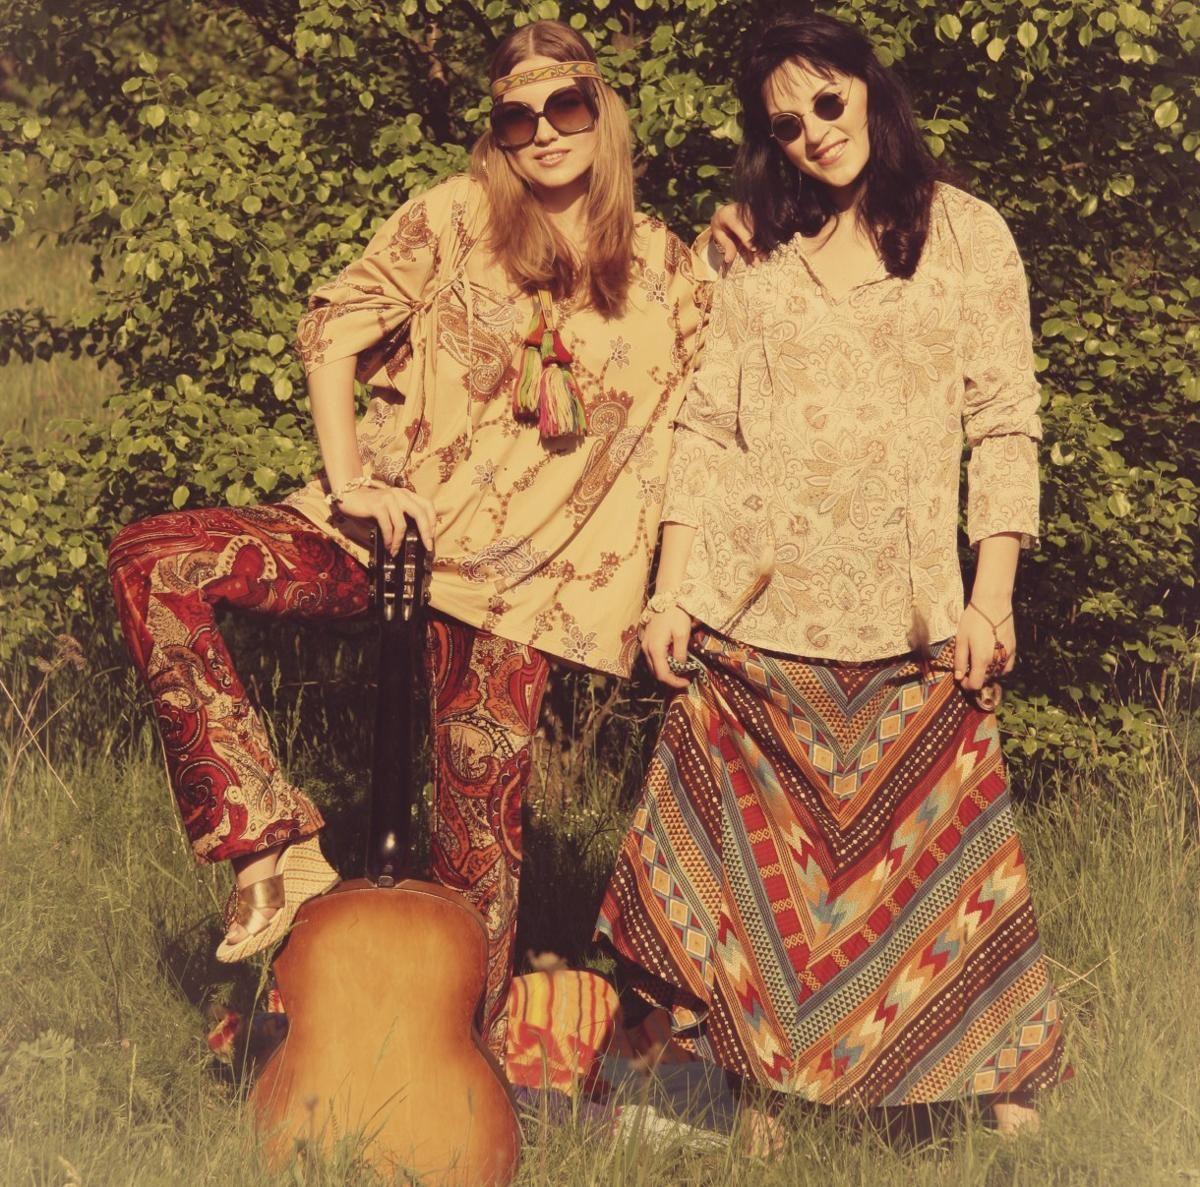 Tại sao phong cách tự do Hippie thịnh hành với giới trẻ?